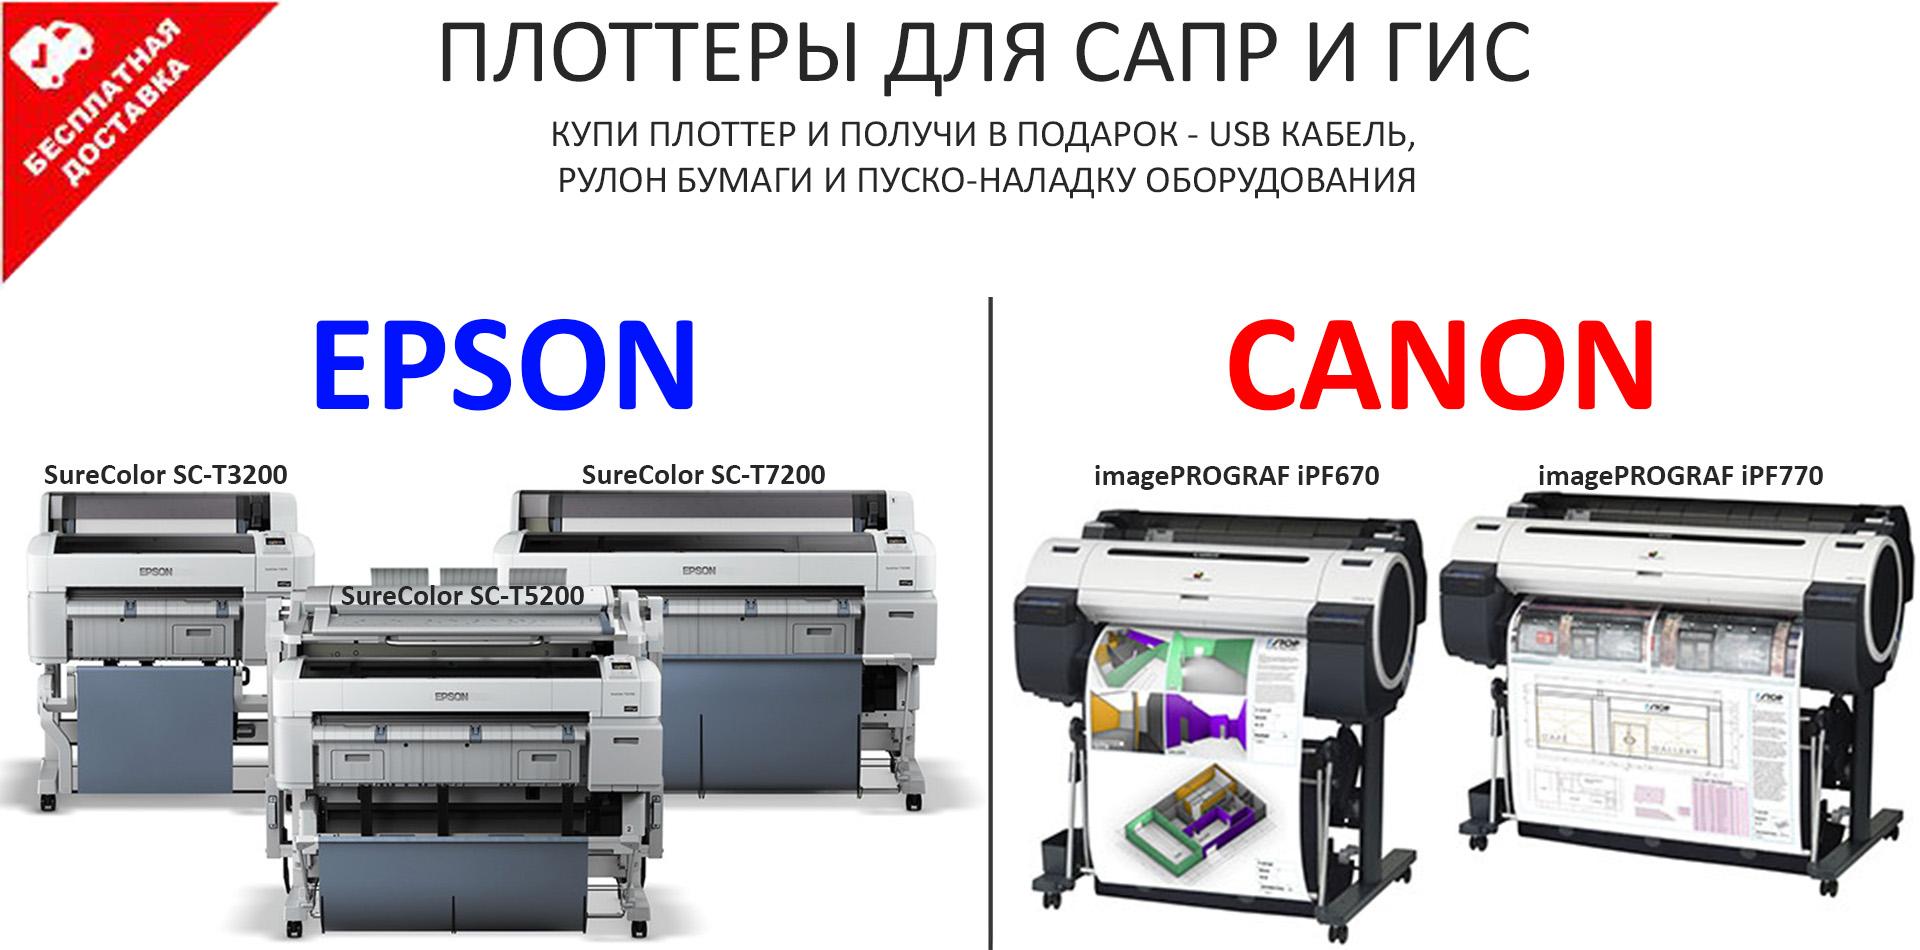 ПЛОТТЕРЫ В АСТАНЕ